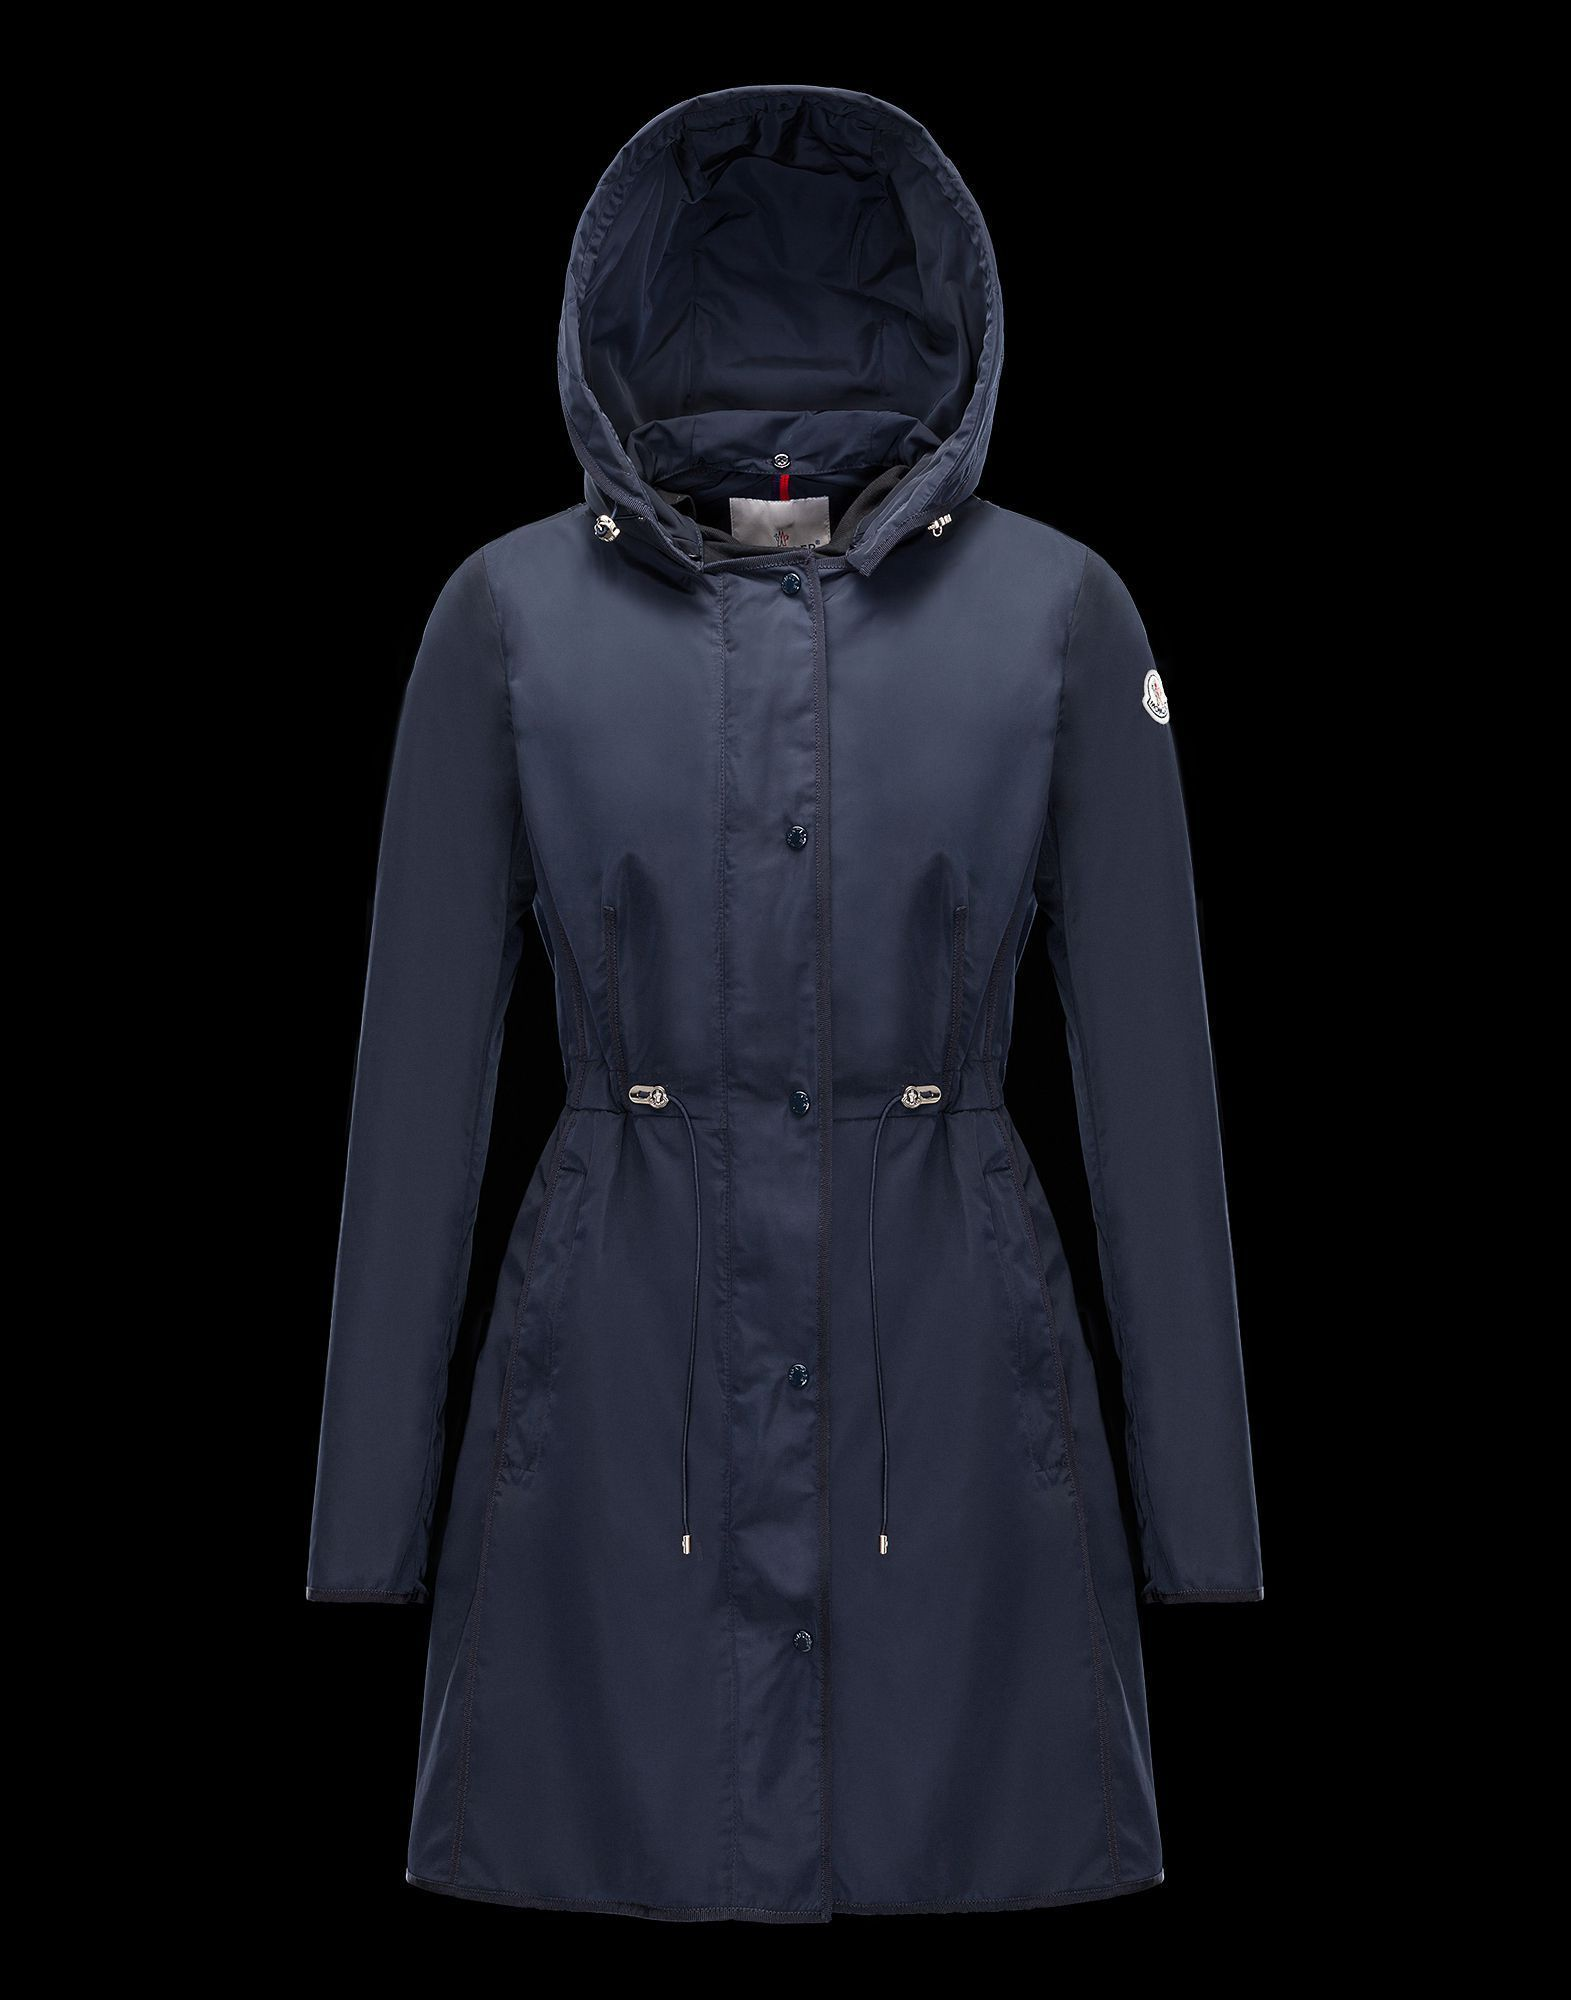 MONCLER More Coats MONCLER 17 spring summer ANHEMIS raincoat Navy Blue